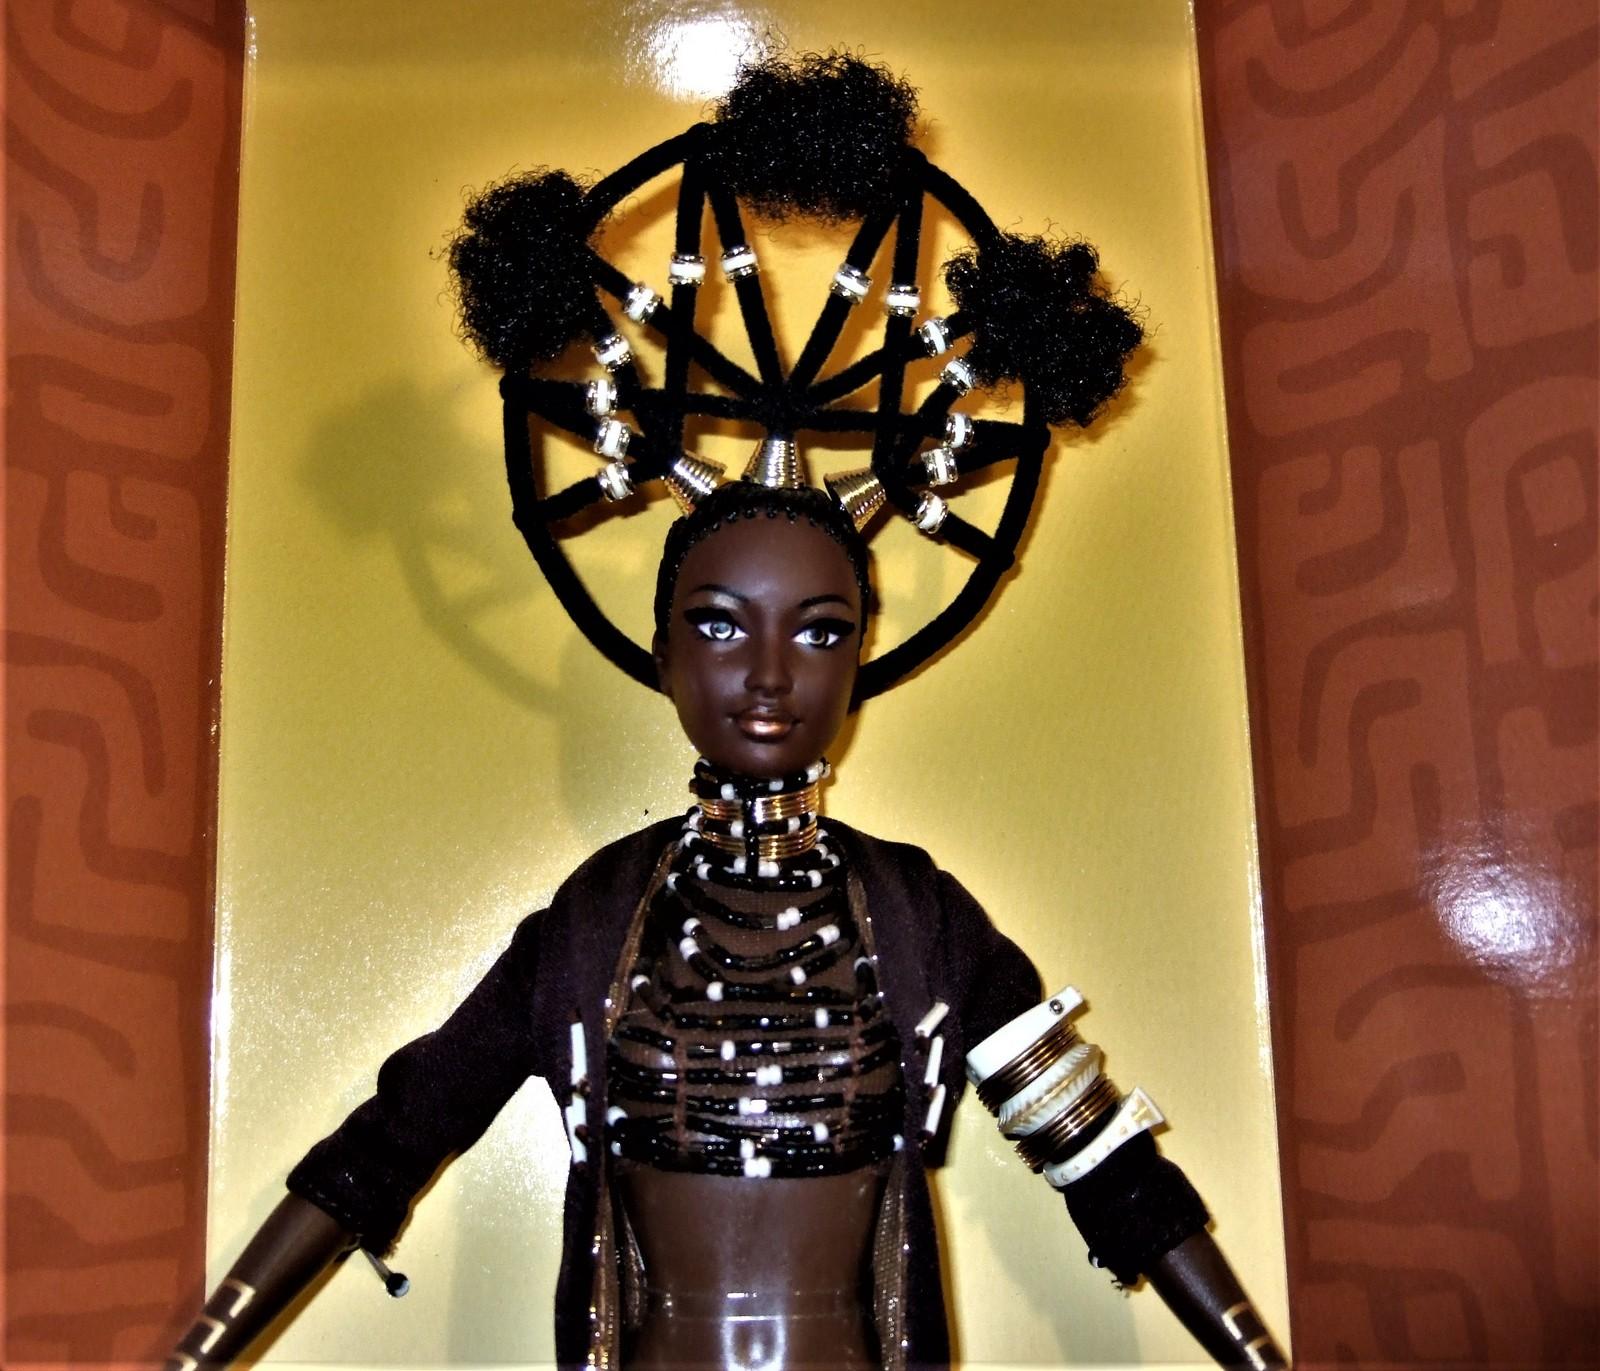 Barbie MOJA Barbie Treasures of Africa by Byron Lars 1st in the Series MIB image 3